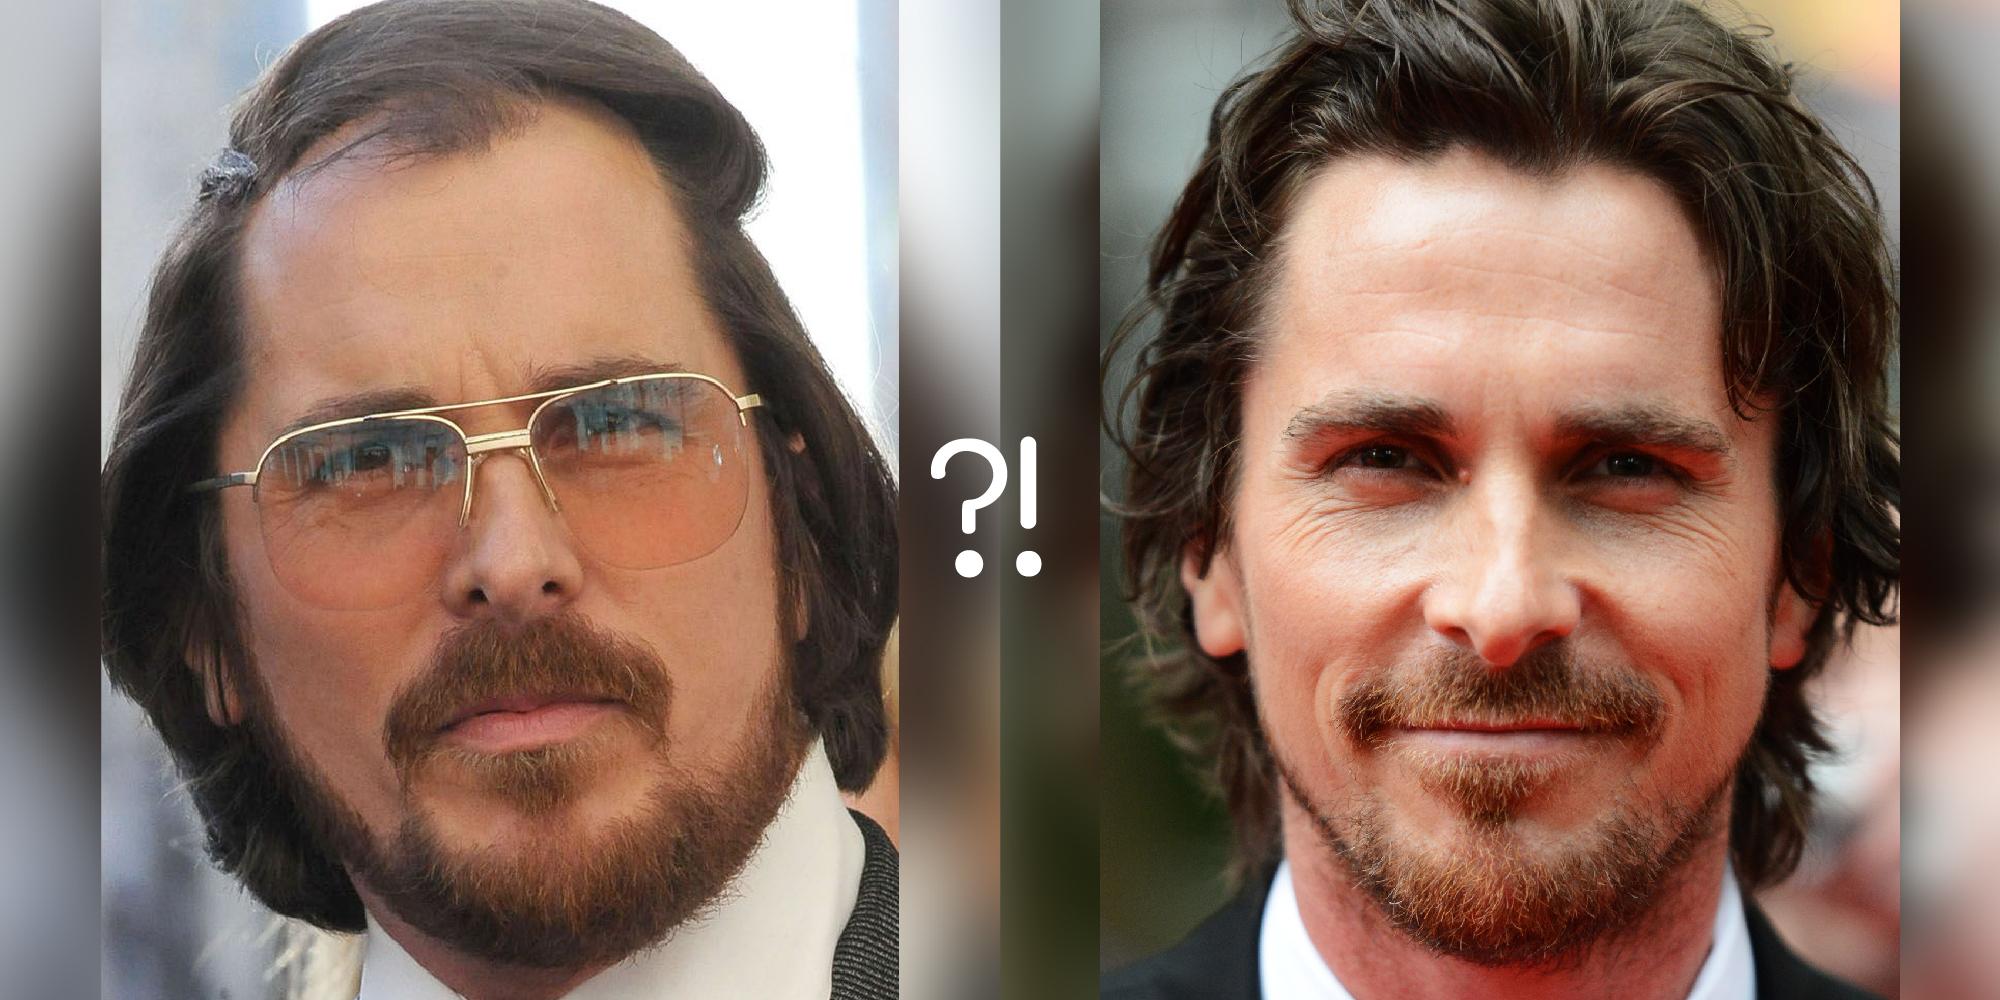 '남자=머리빨'은 불변의 진리다. 조각 미남 크리스찬 베일도 '바코드 스타일'을 하면 어떻게 보이는지 방금 클릭할 때 봤잖아.